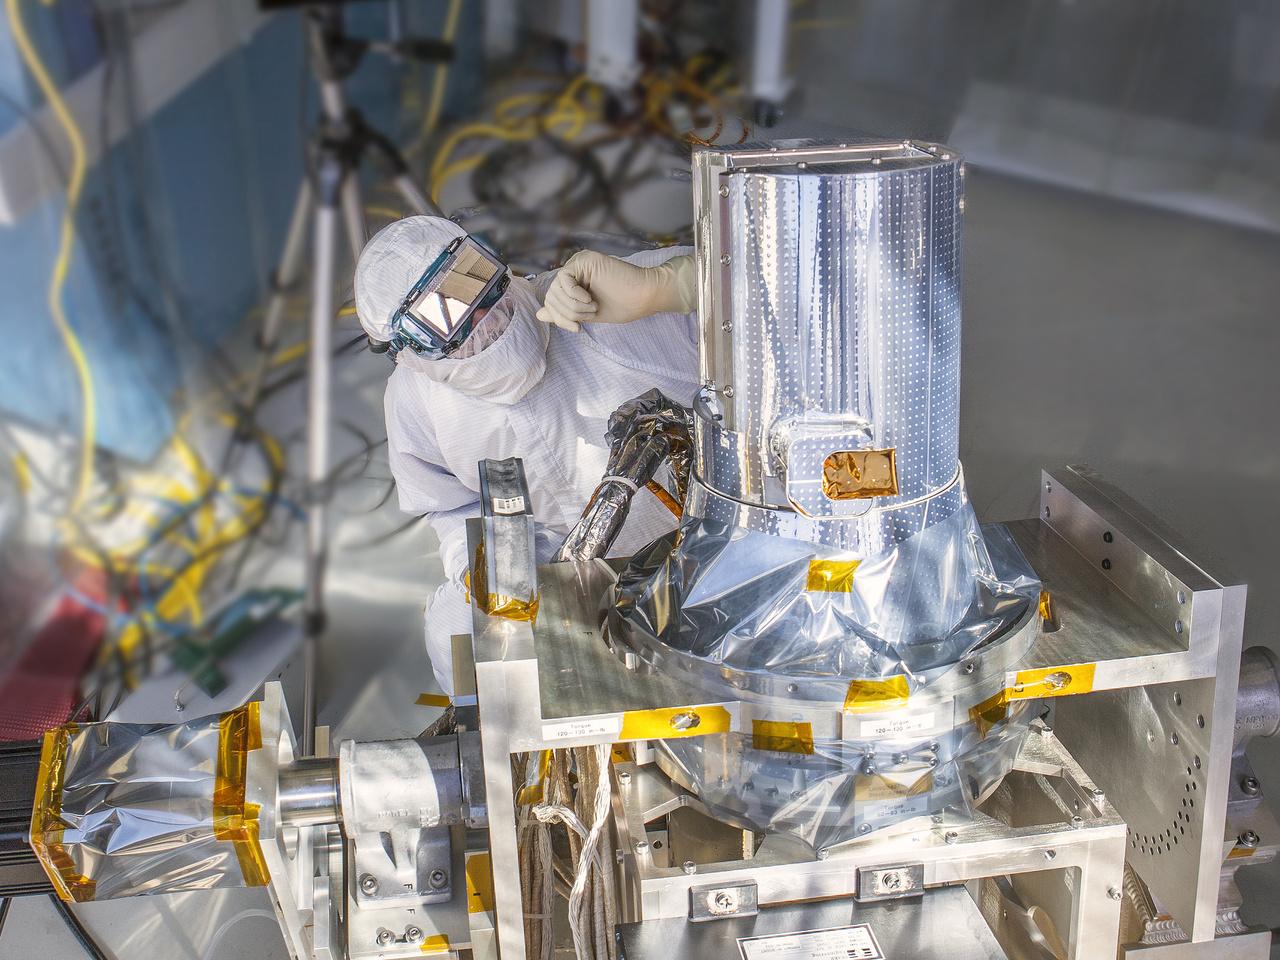 2013: a Nemzetközi Űrállomásra felvitt SAGE III (Stratospheric Aerosol and Gas Experiment) légkörelemző műszert teszteli egy tudós a kutatóközpont tisztaszobájában.